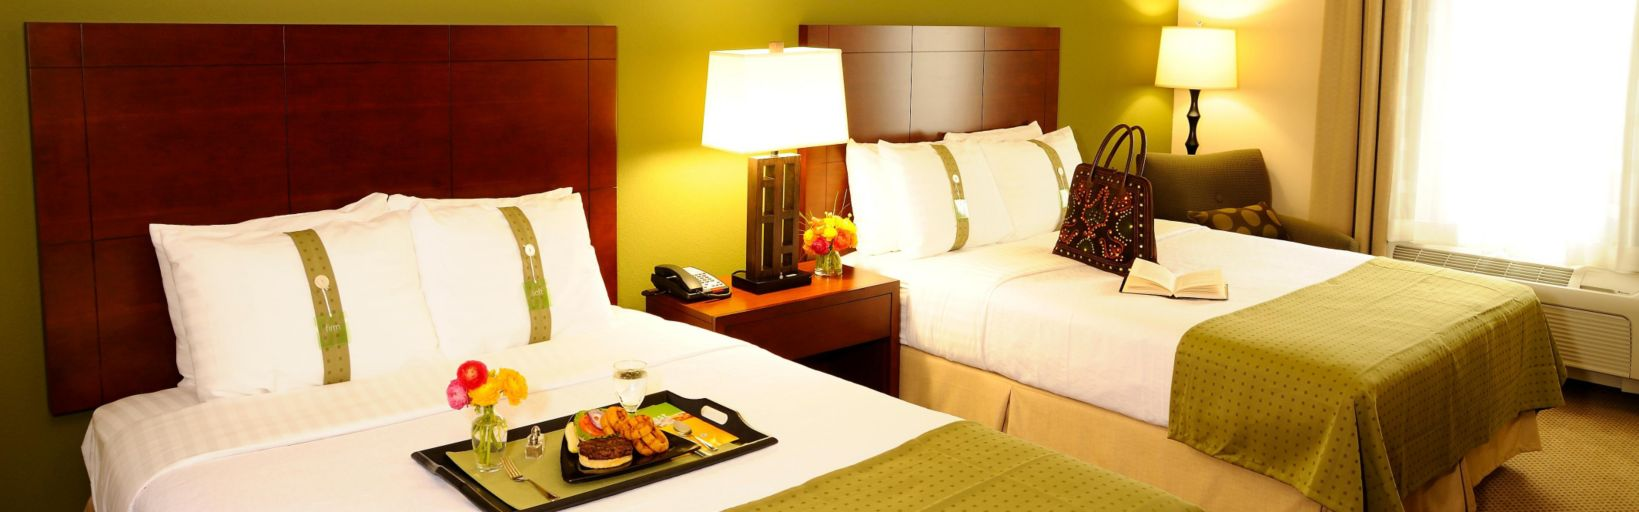 Holiday Inn Richmond South Bells Road Hotel By Ihg